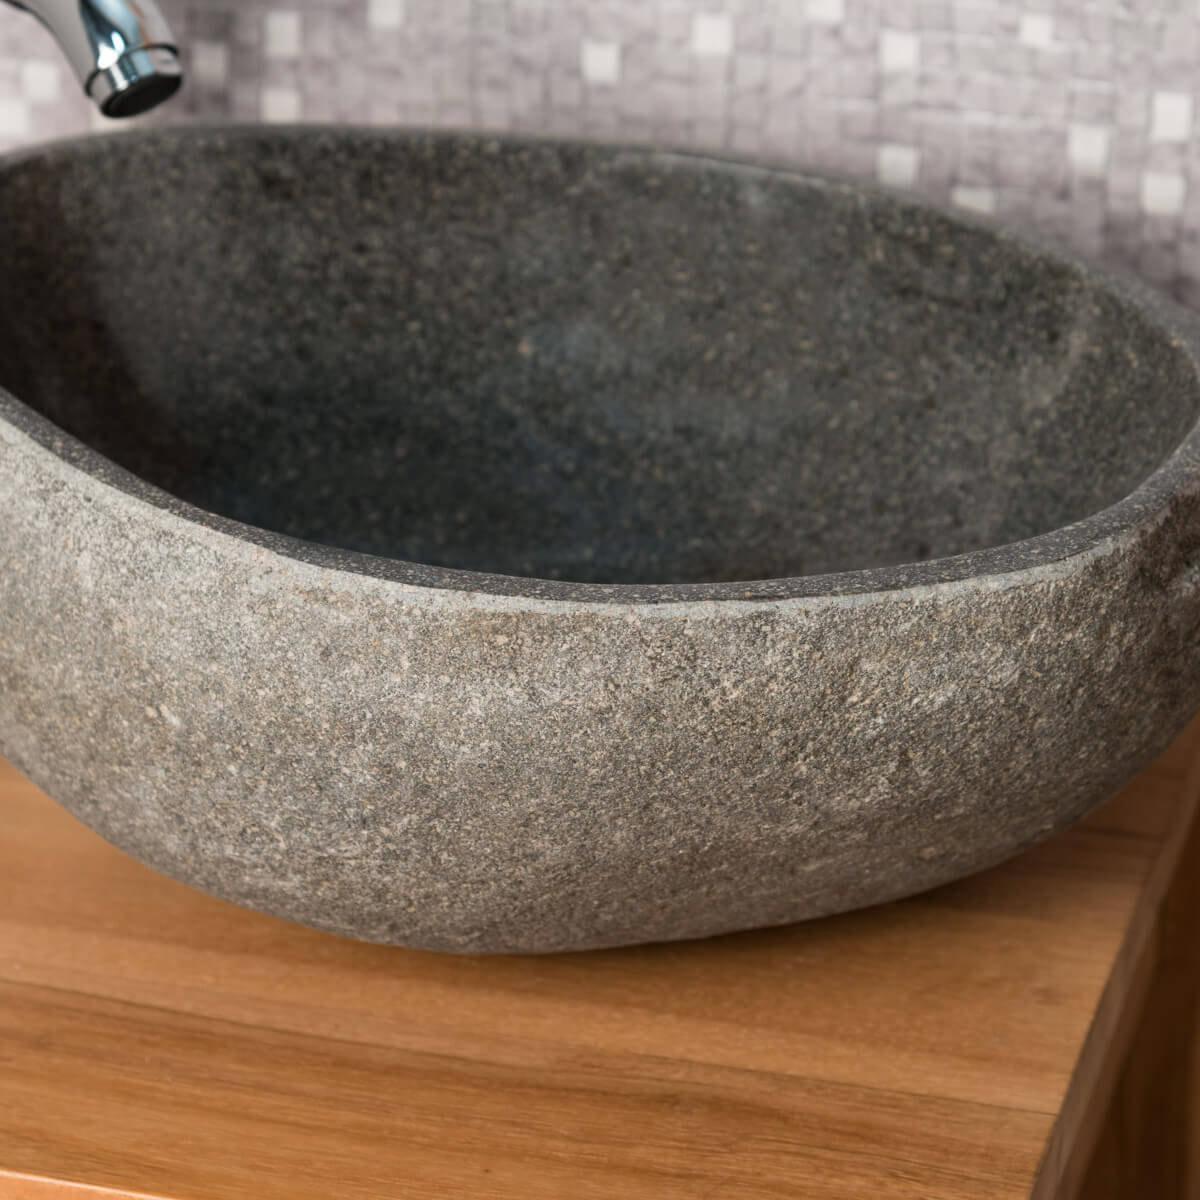 Lavabo sobre encimera de piedra de r o para ba o natural redondo di metro 30 cm - Lavabos de piedra natural ...